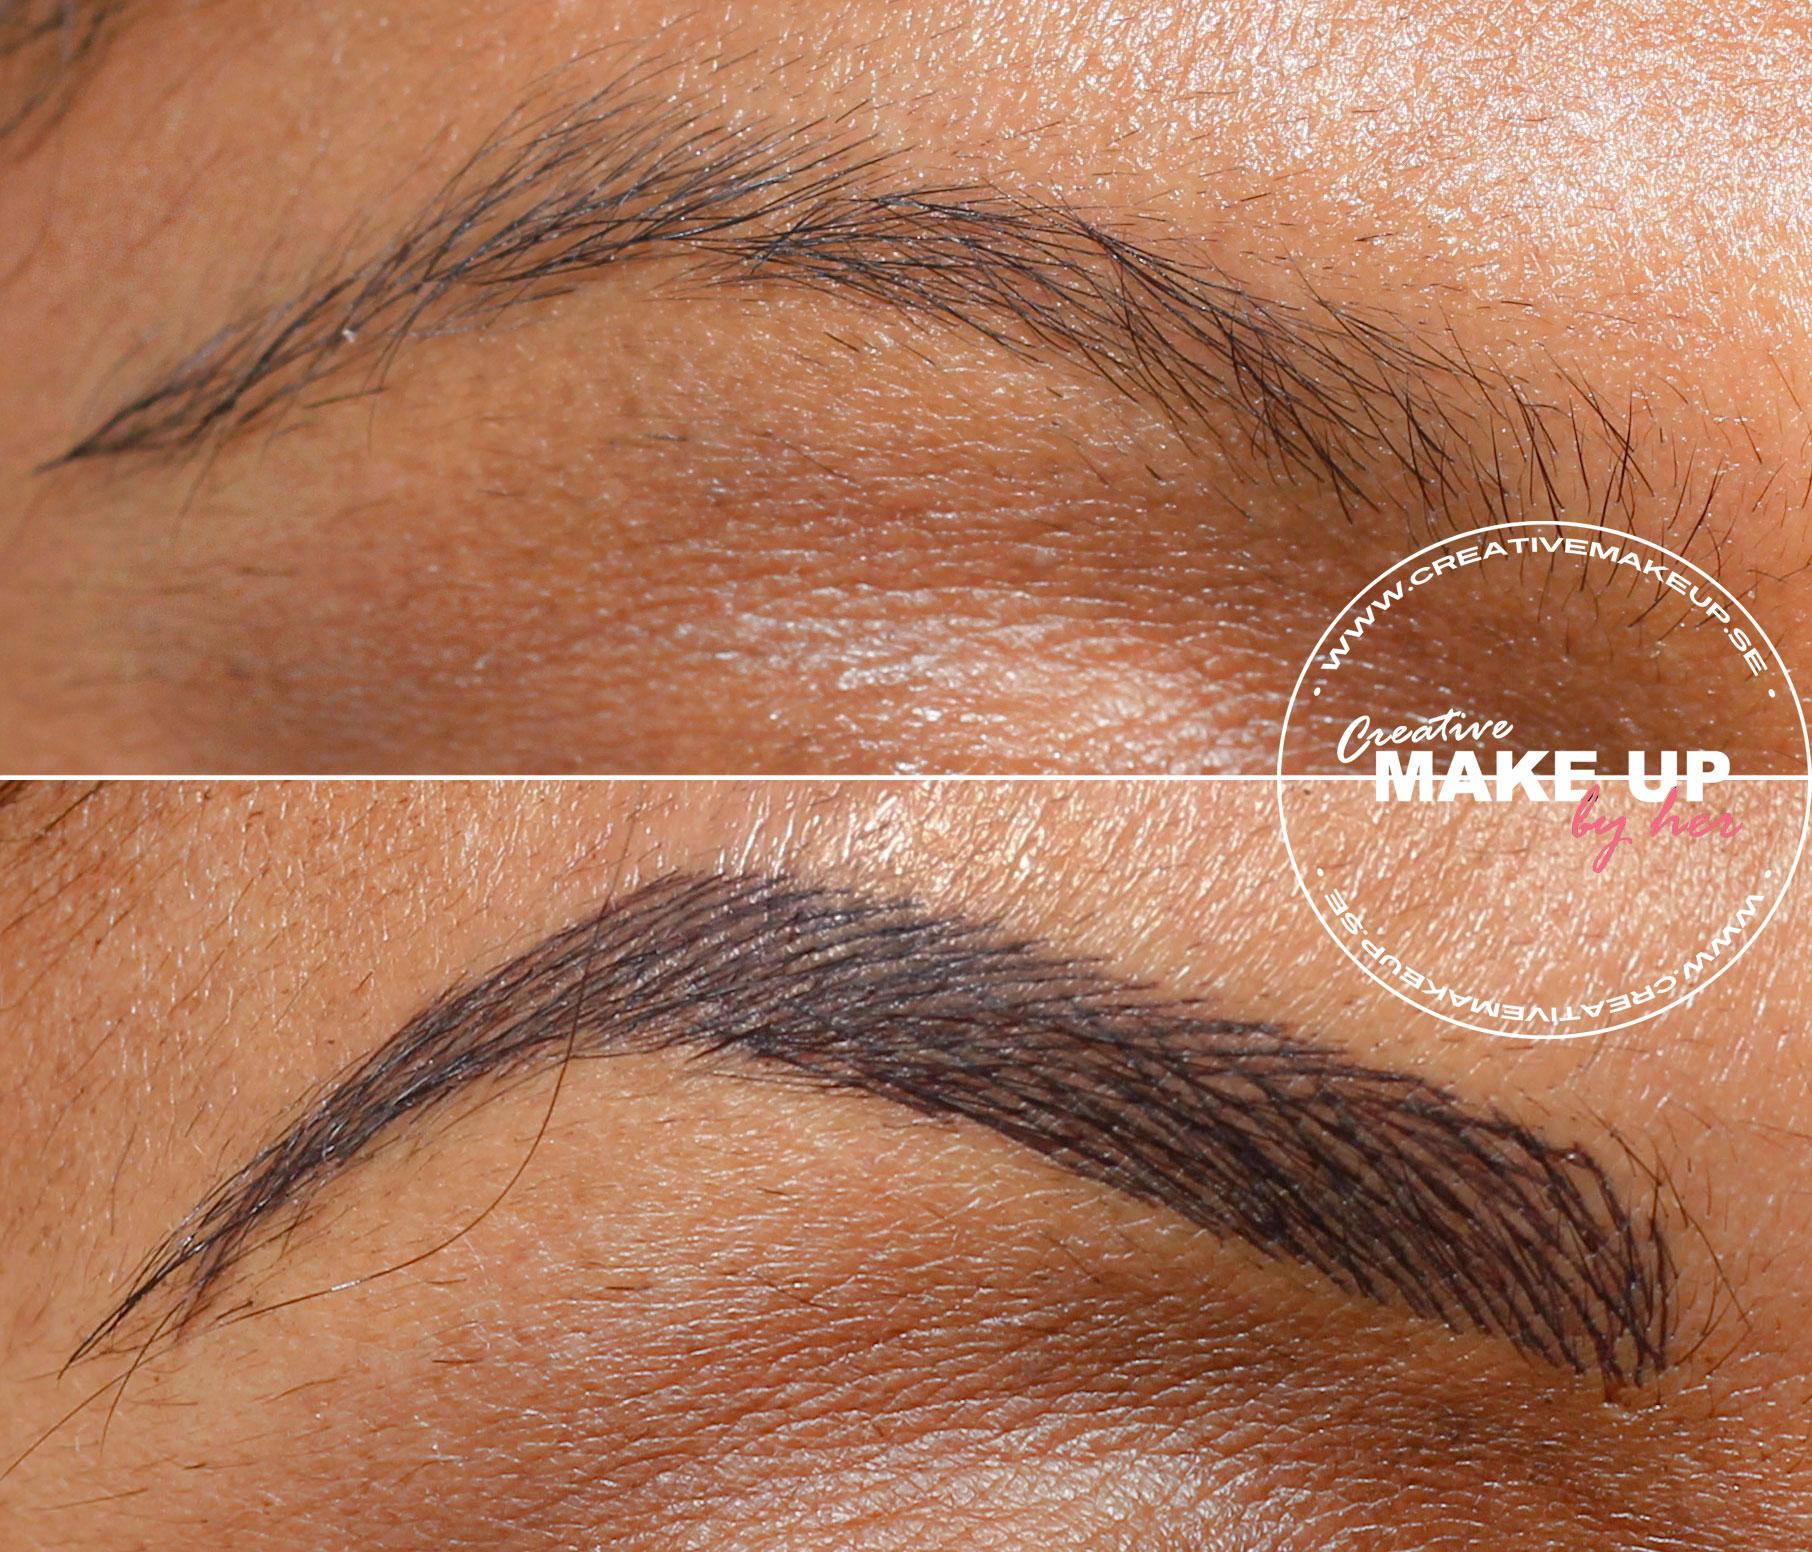 creative-makeup-ögonbrynstatuering